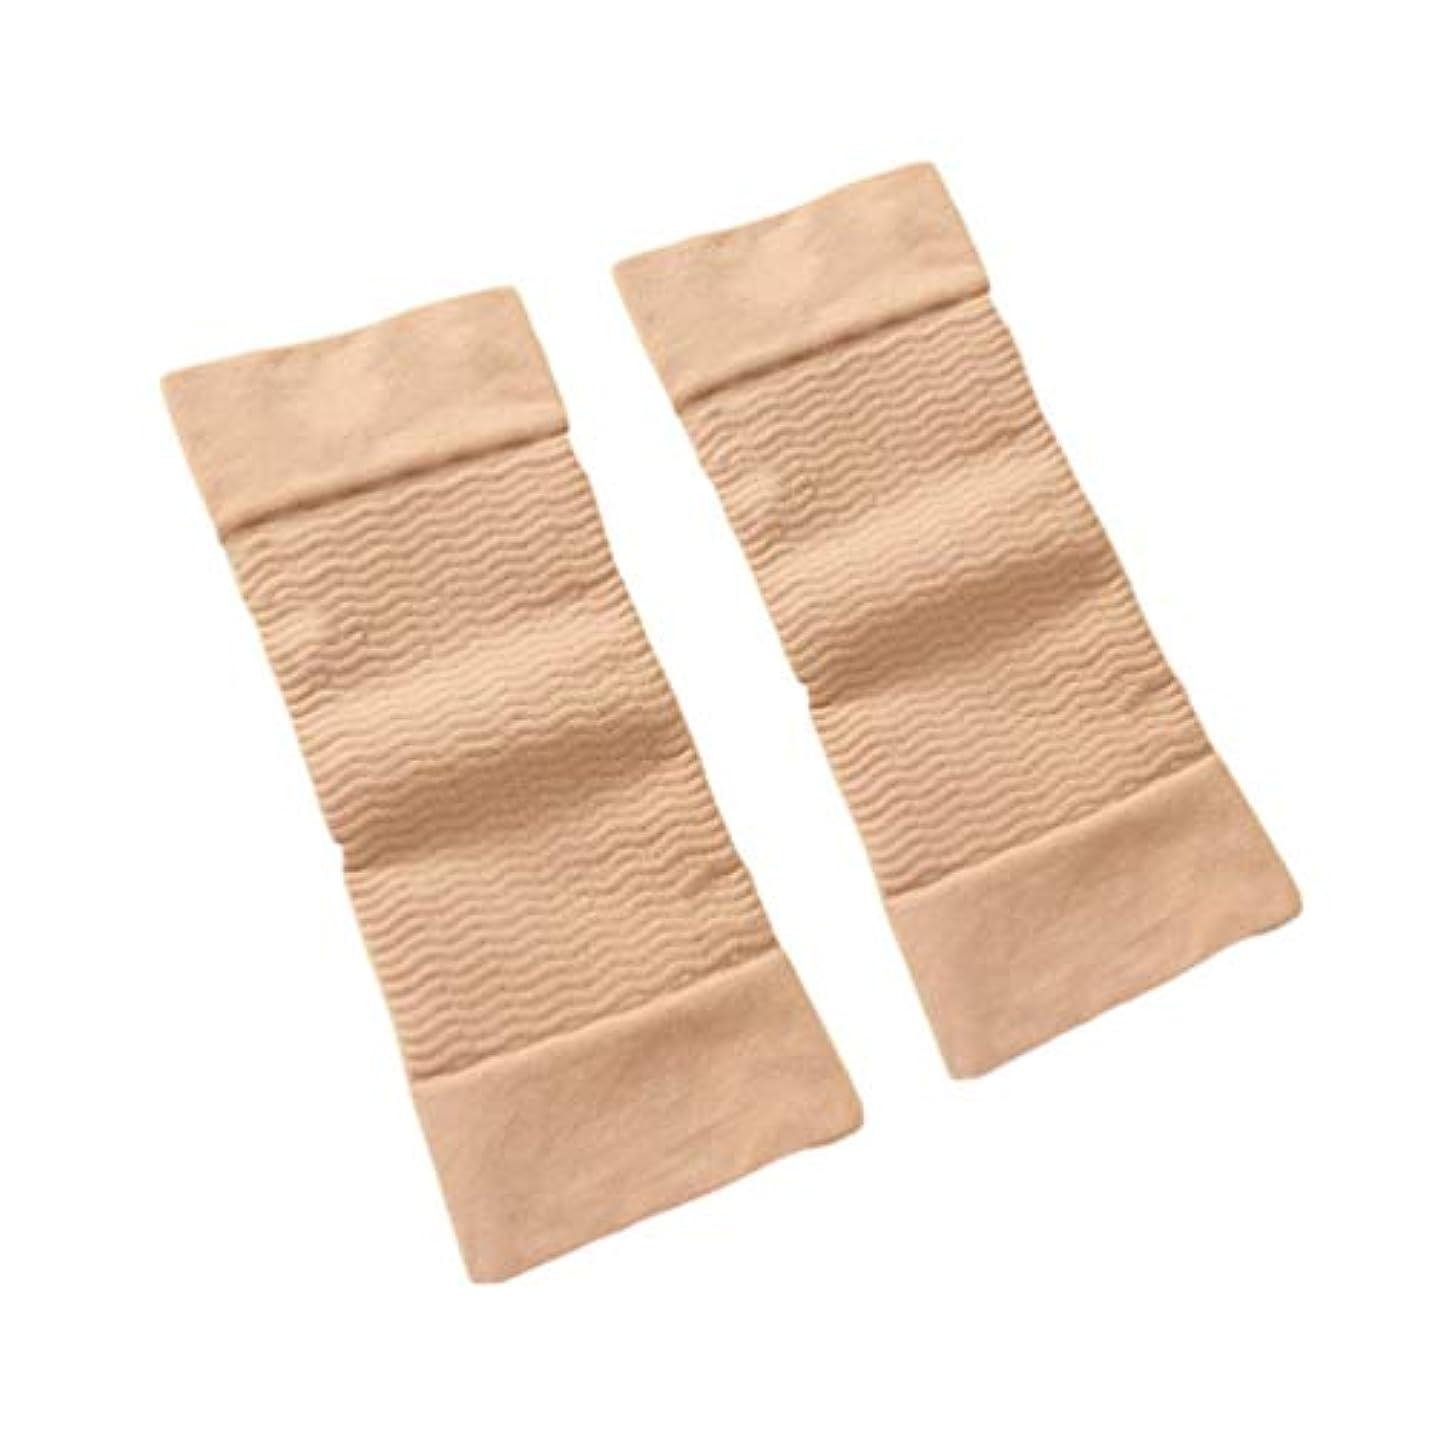 どこにでもうぬぼれたテキスト1ペア420 D圧縮痩身アームスリーブワークアウトトーニングバーンセルライトシェイパー脂肪燃焼袖用女性 - 肌色